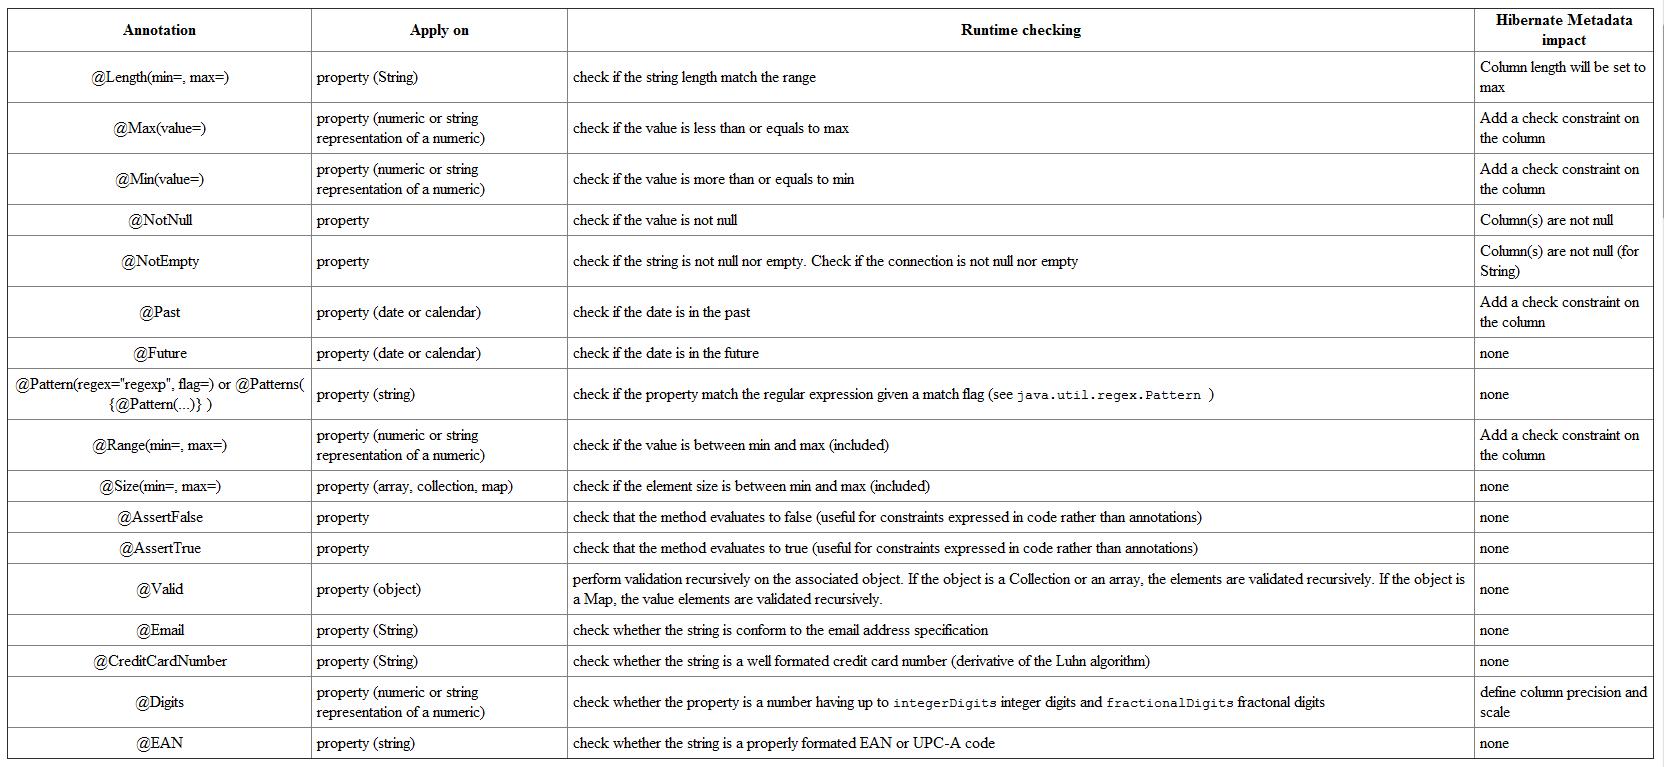 Tabela 1 ? Anotações disponíveis no Hibernate Validator 3.1.0GA.